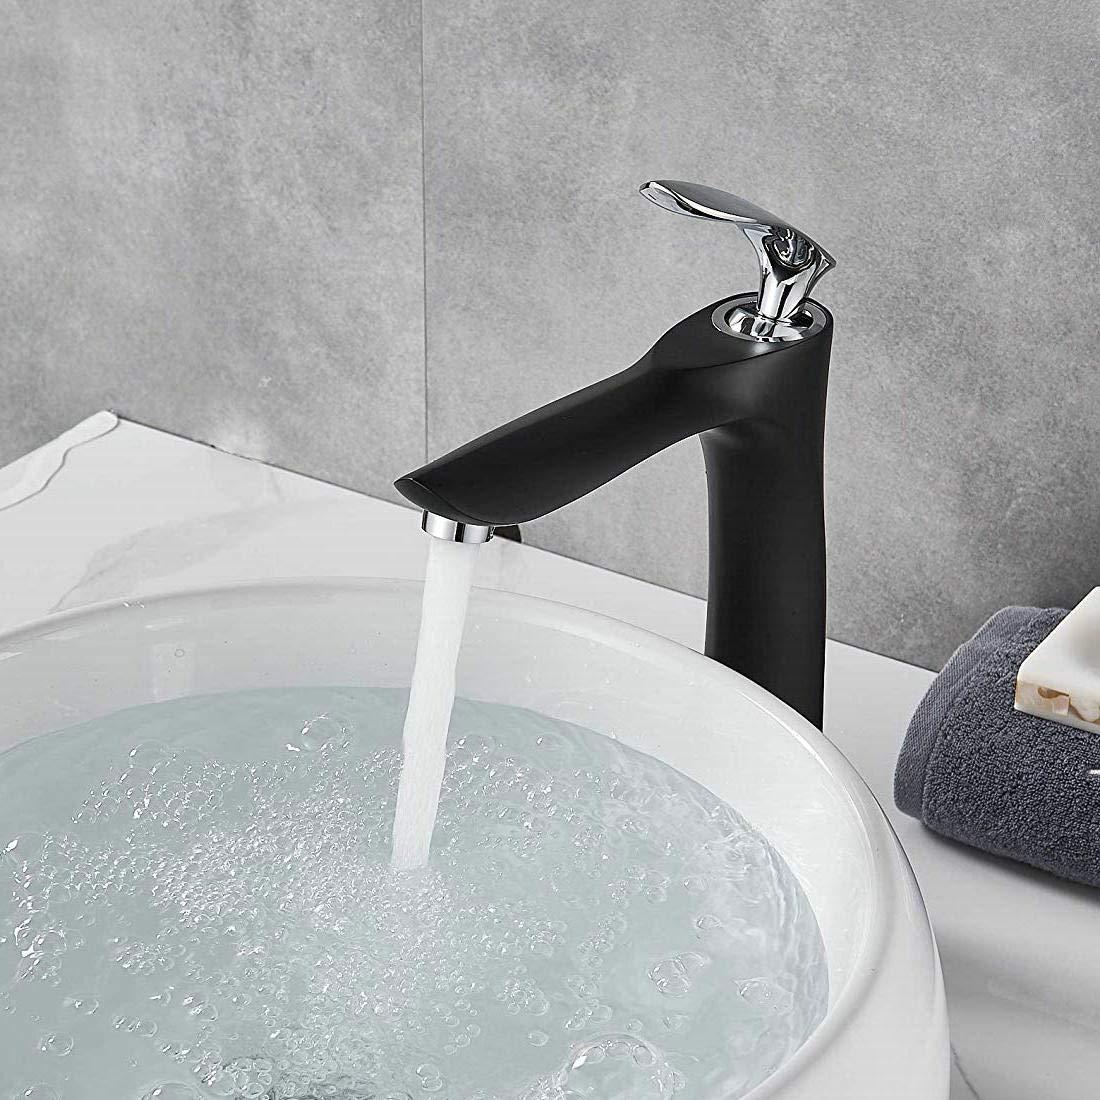 Tapa de ba/ño /única con mango de oro cromado y cuerpo de lat/ón negro con un agujero para cubierta de lavatorio con doble acabado de leekayer